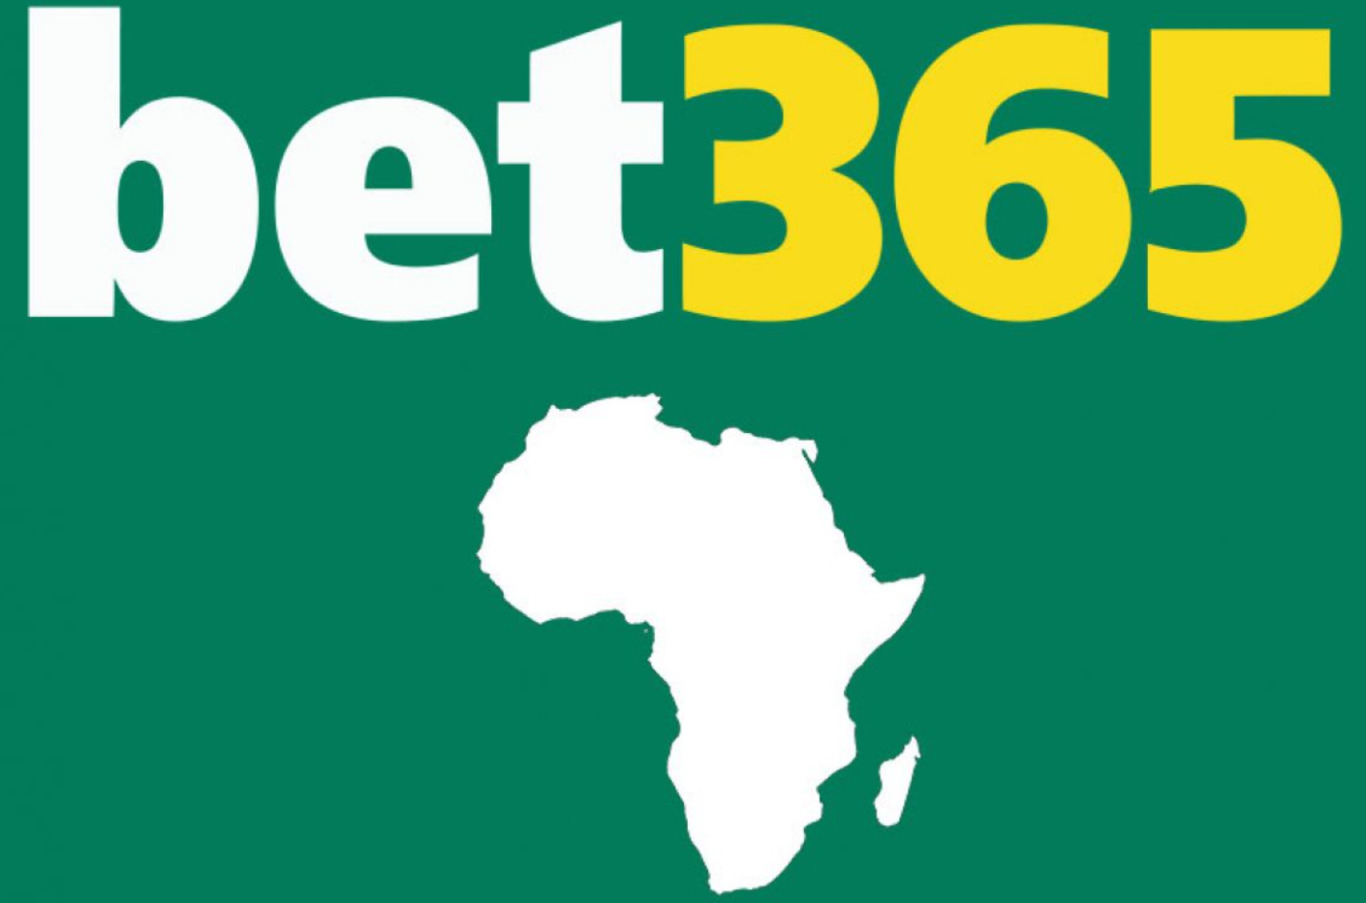 Вход на сайт через Bet365 зеркало сайта работающее и опция «Обналичить»